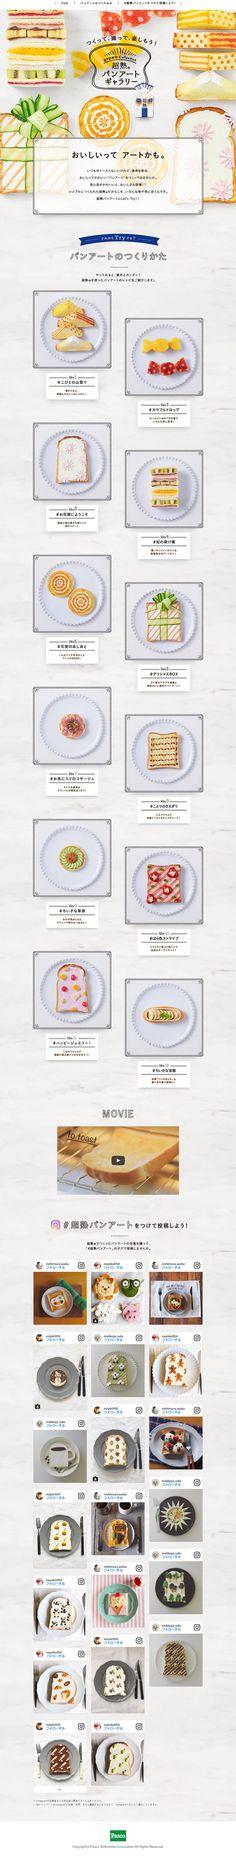 敷島製パン株式会社様の「超熟パンアートギャラリー」のランディングページ(LP)かわいい系|食品 #LP #ランディングページ #ランペ #超熟パンアートギャラリー